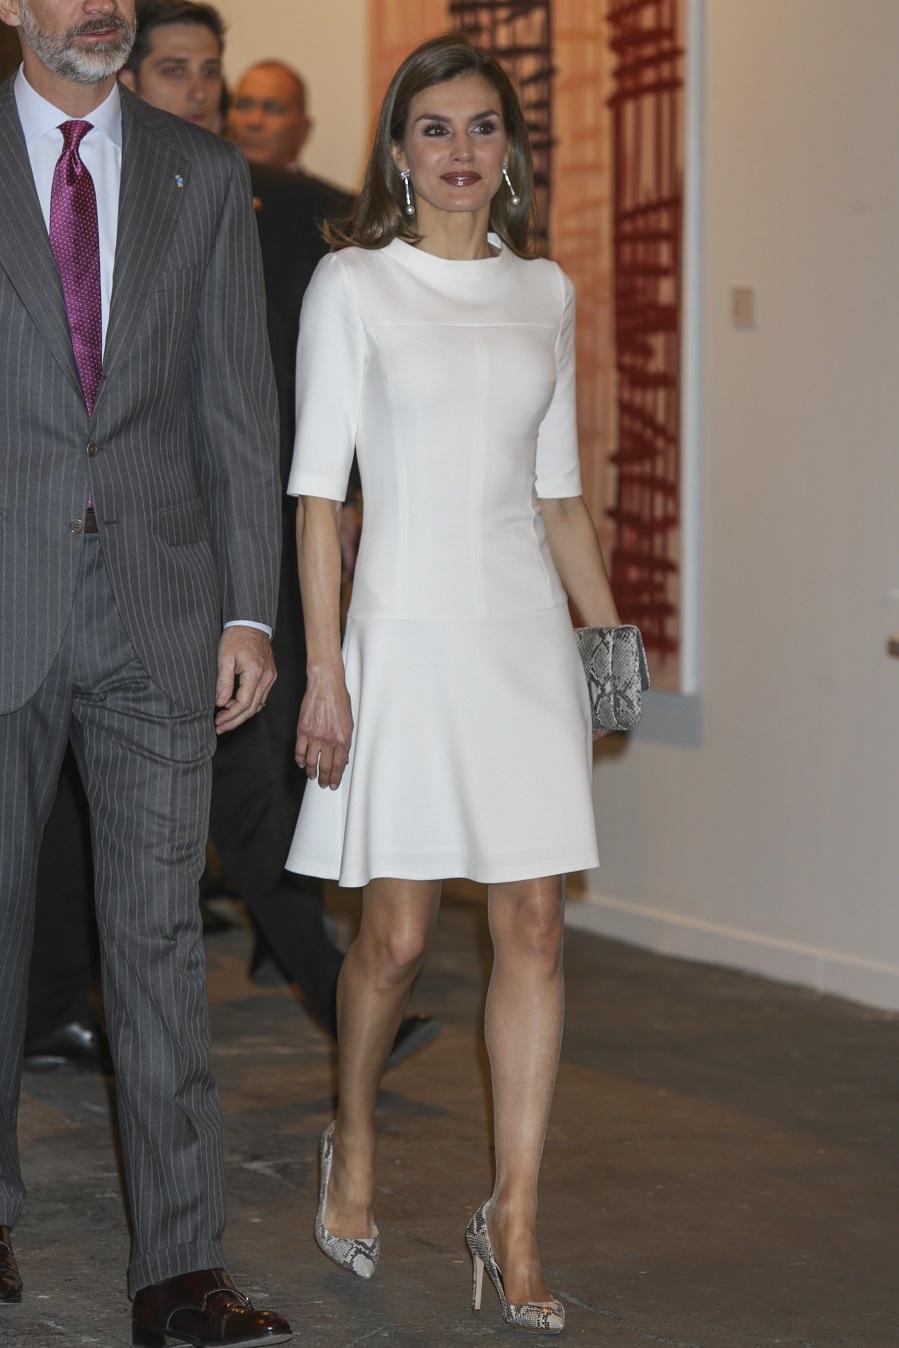 La Reina Letizia vestida con vestido blanco